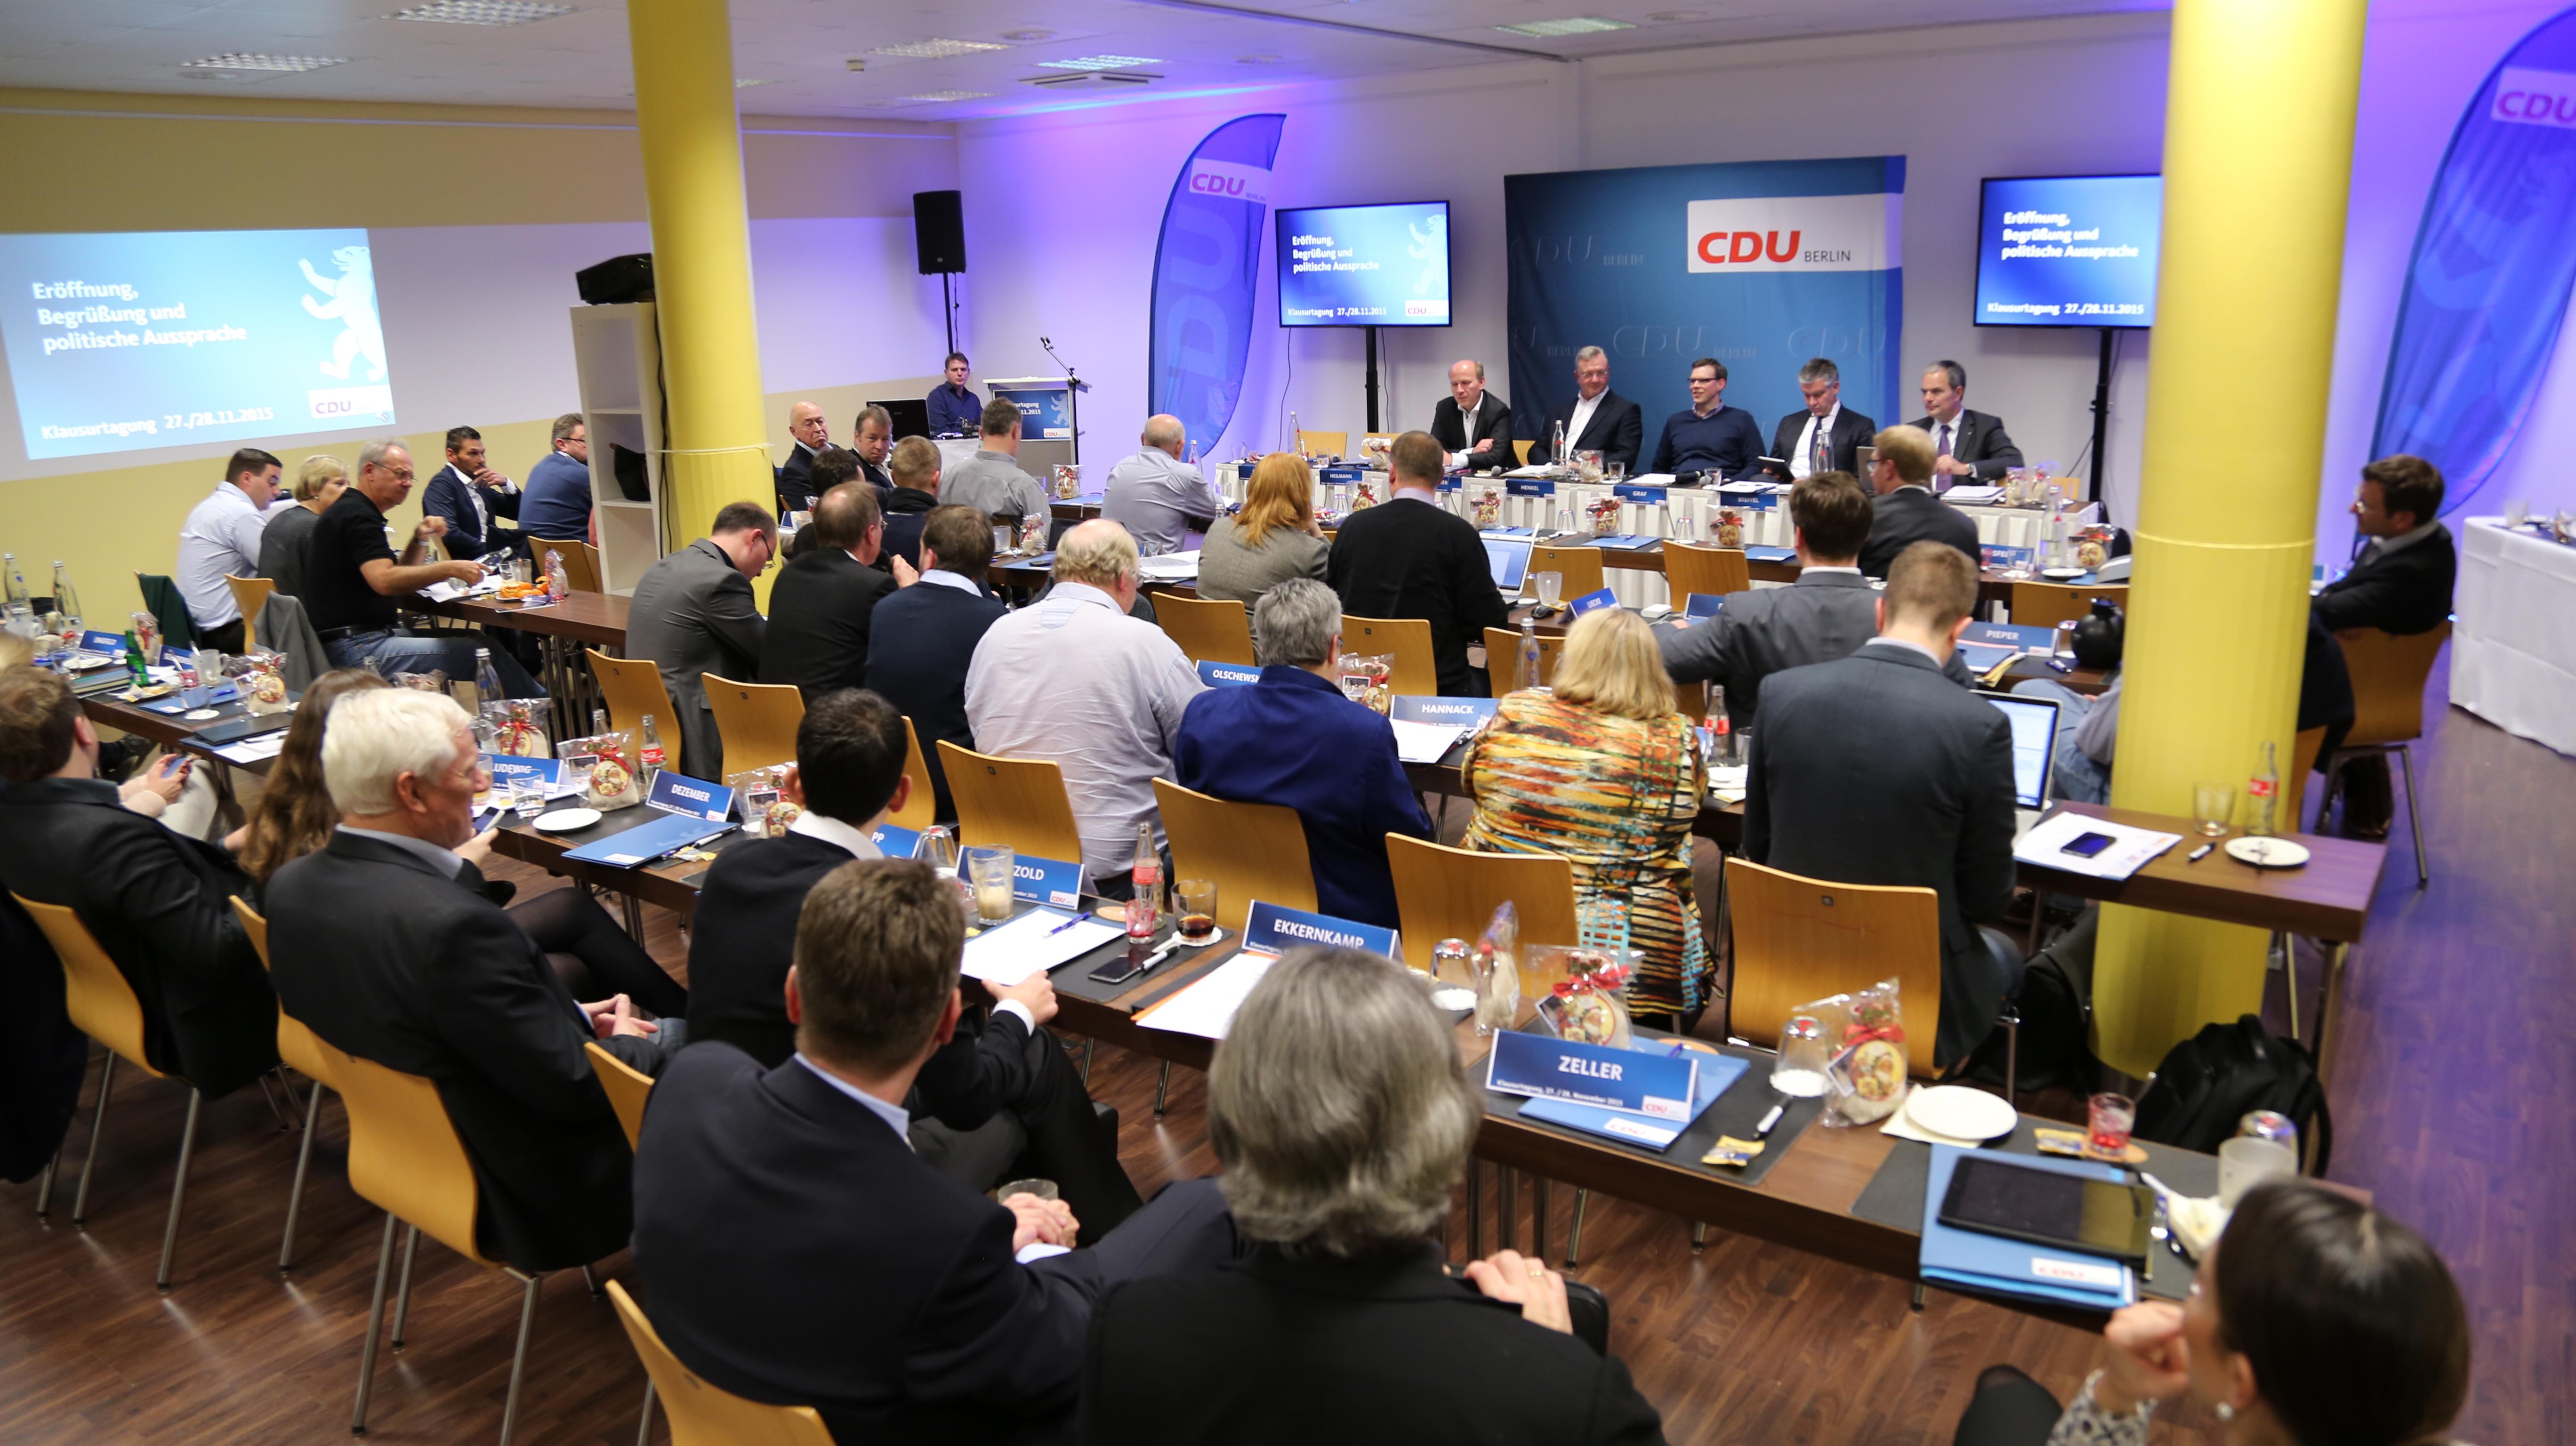 Klausurtagung der CDU Berlin in Neuruppin